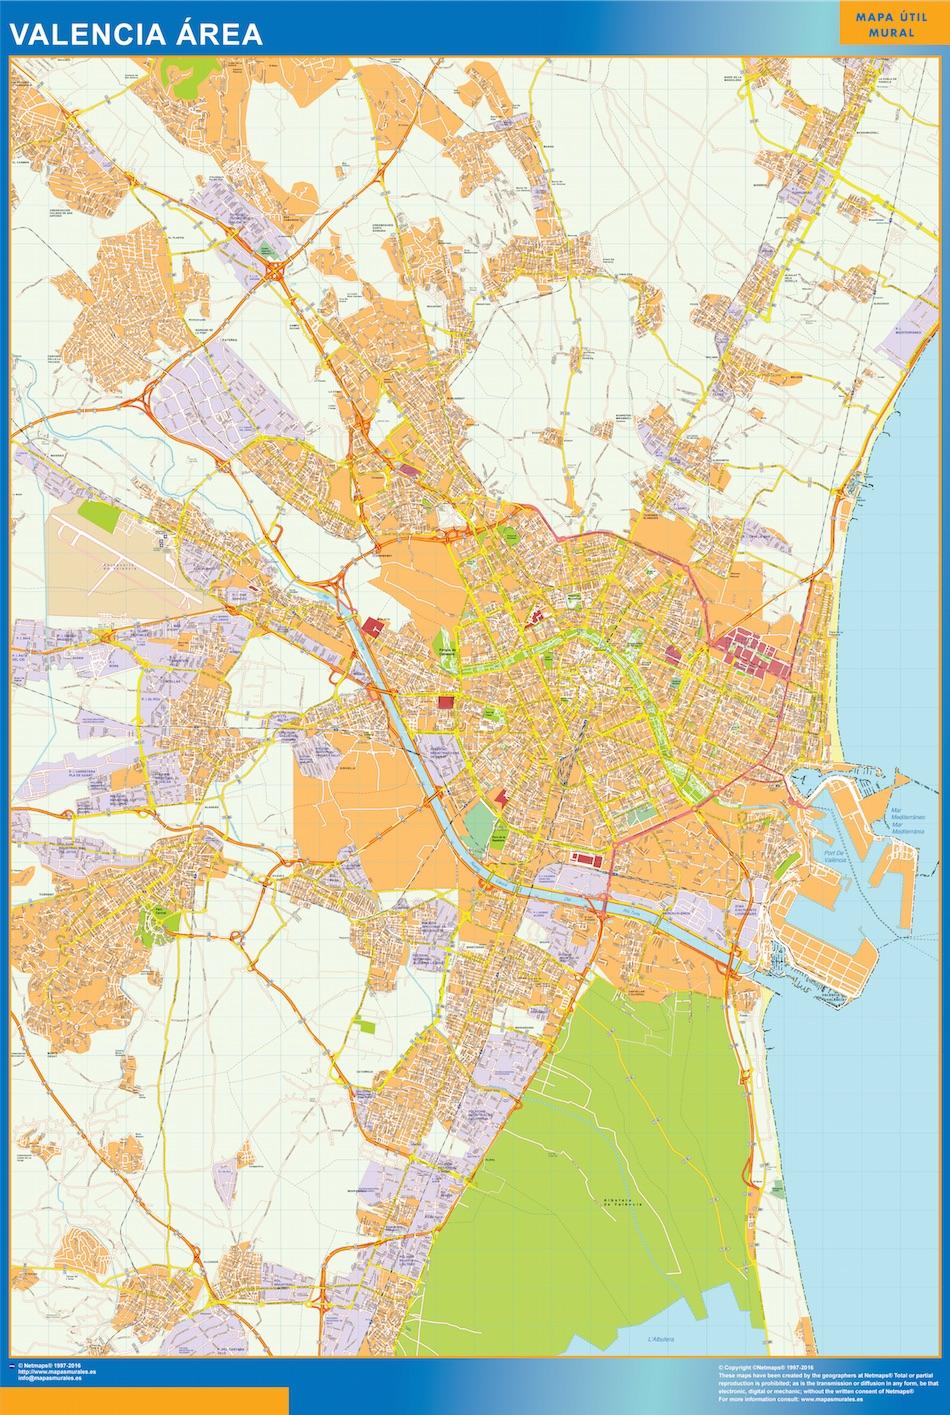 Mapa carreteras Valencia Area plastificado gigante